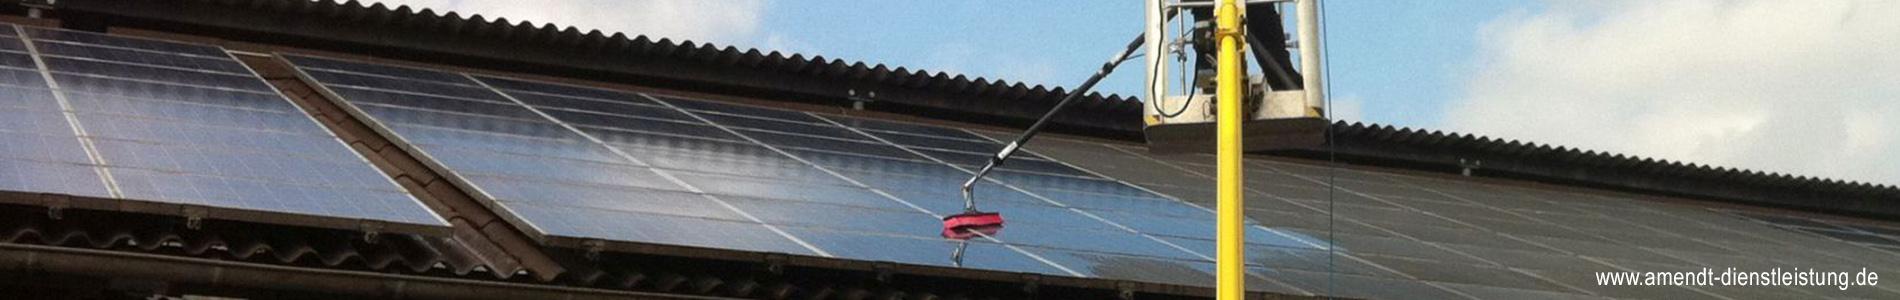 Solarreinigung Photovoltaikreinigung Münster, Amendt Dienstleistungsservice, Gebäudereinigung